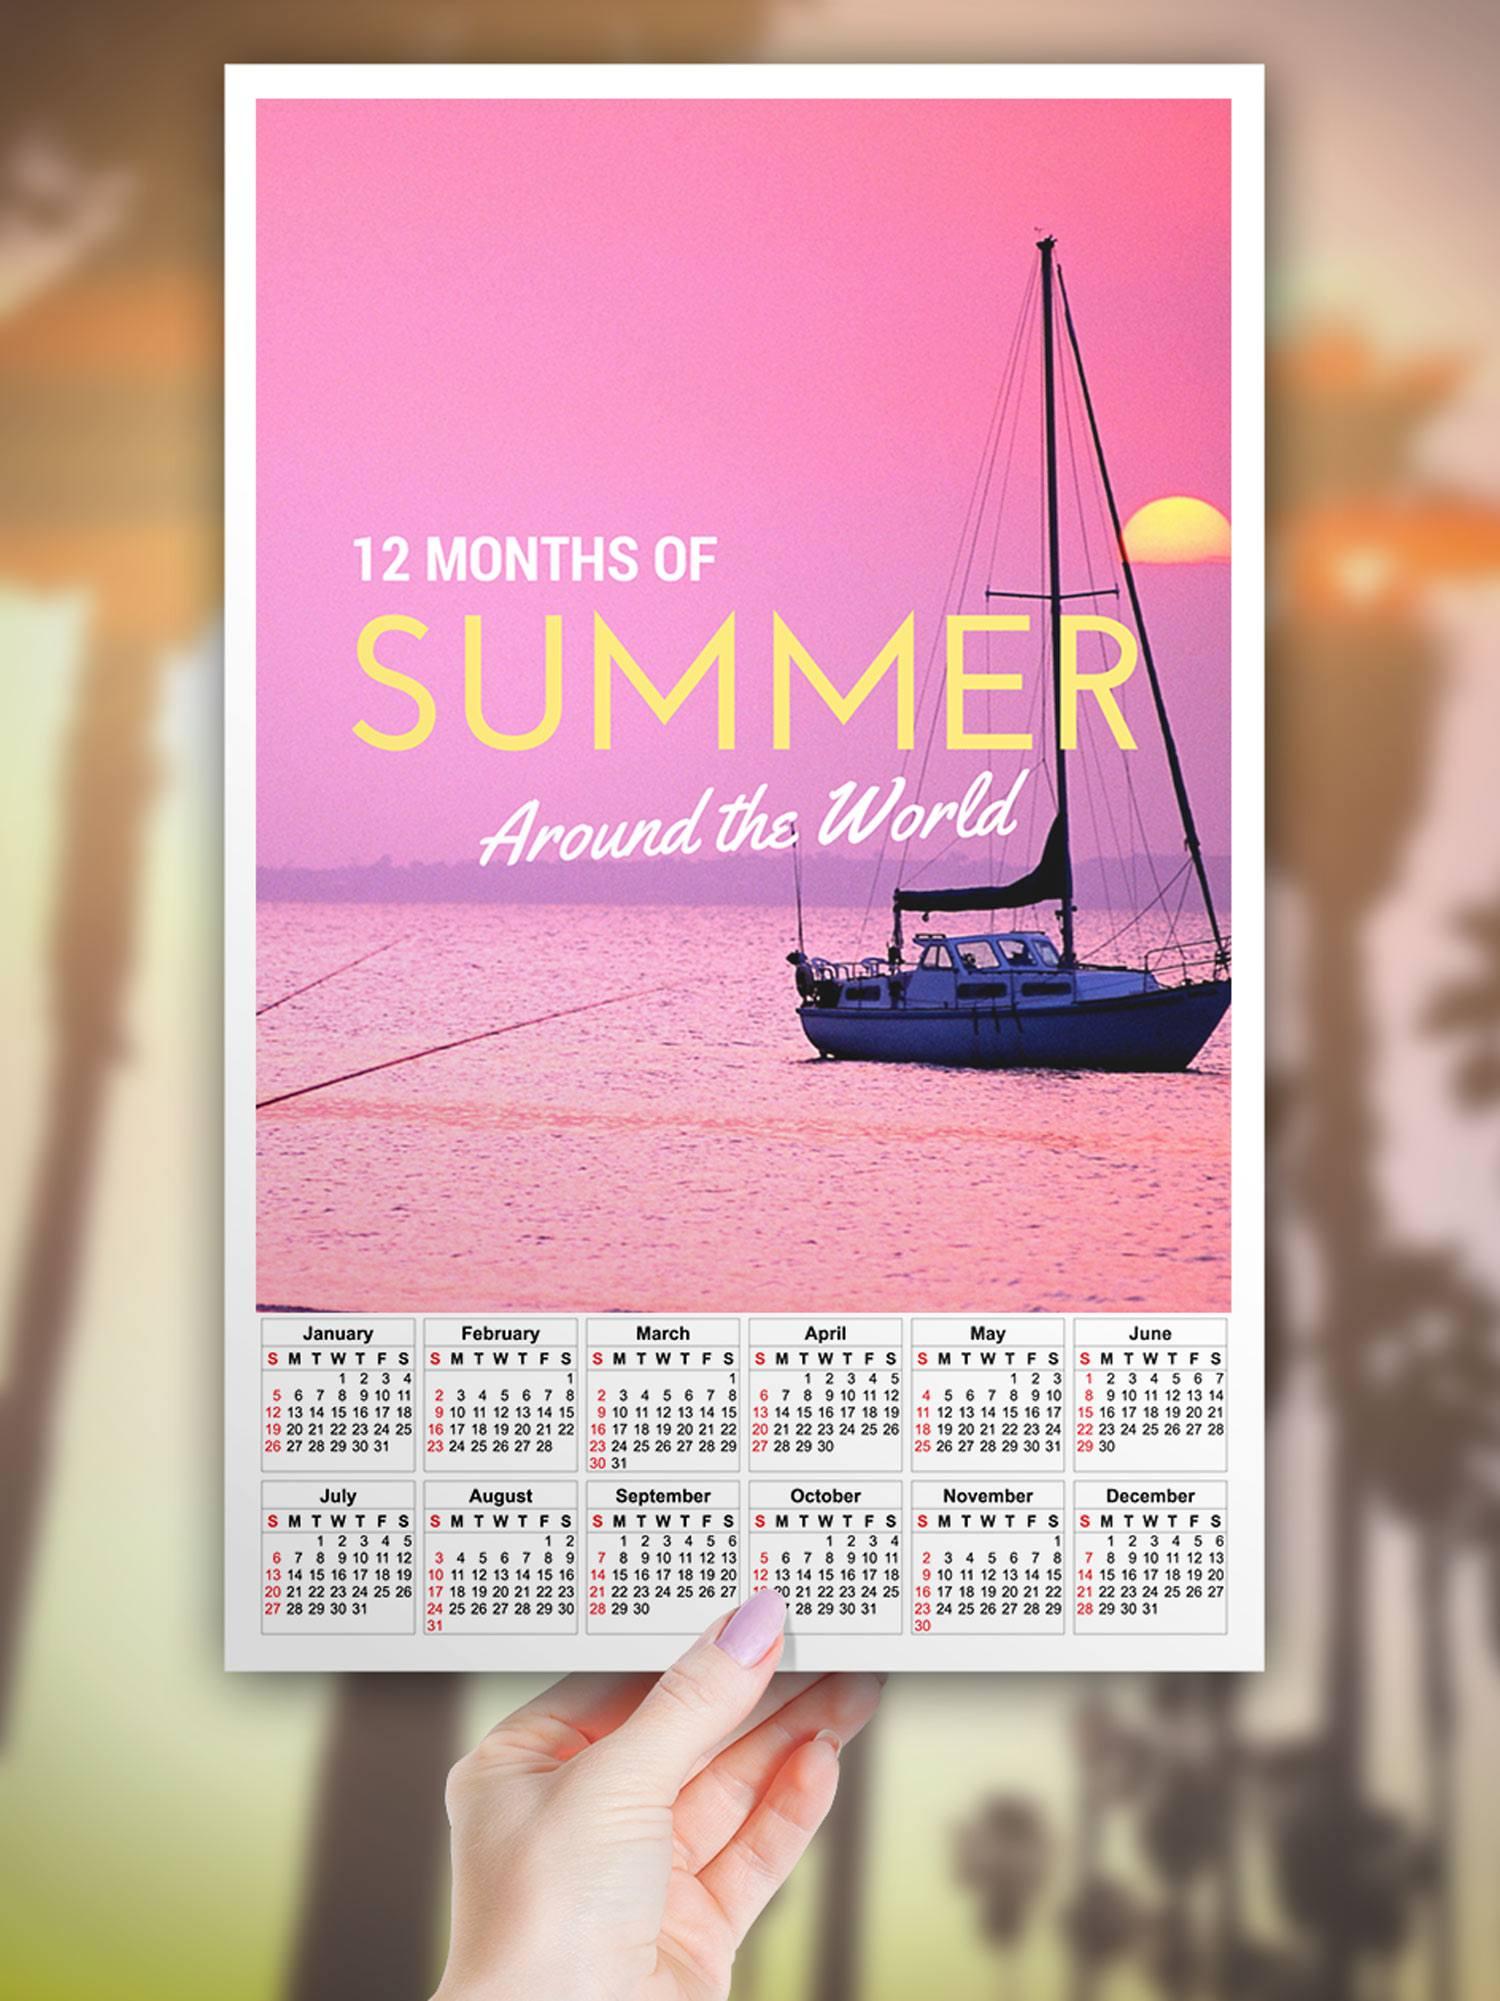 12 Months of Summer Around the World